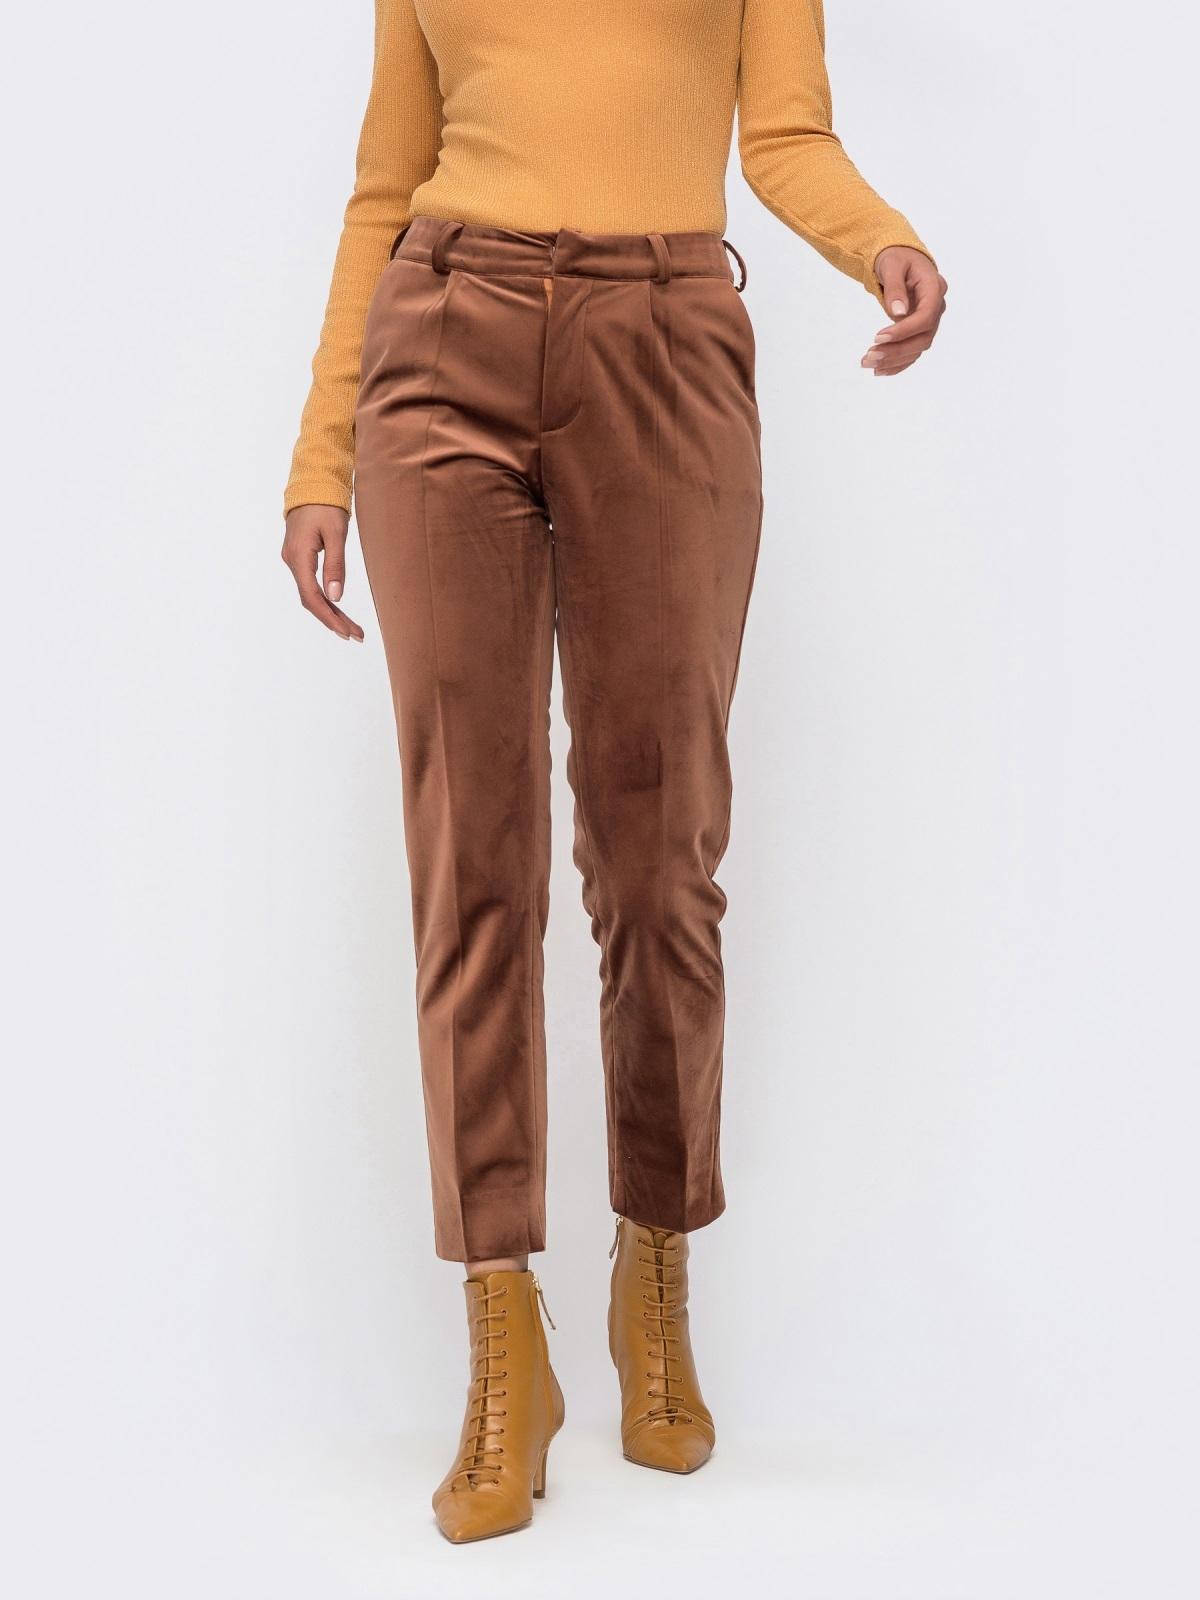 Укороченные брюки из бархата со шлевками коричневые 41721, фото 1